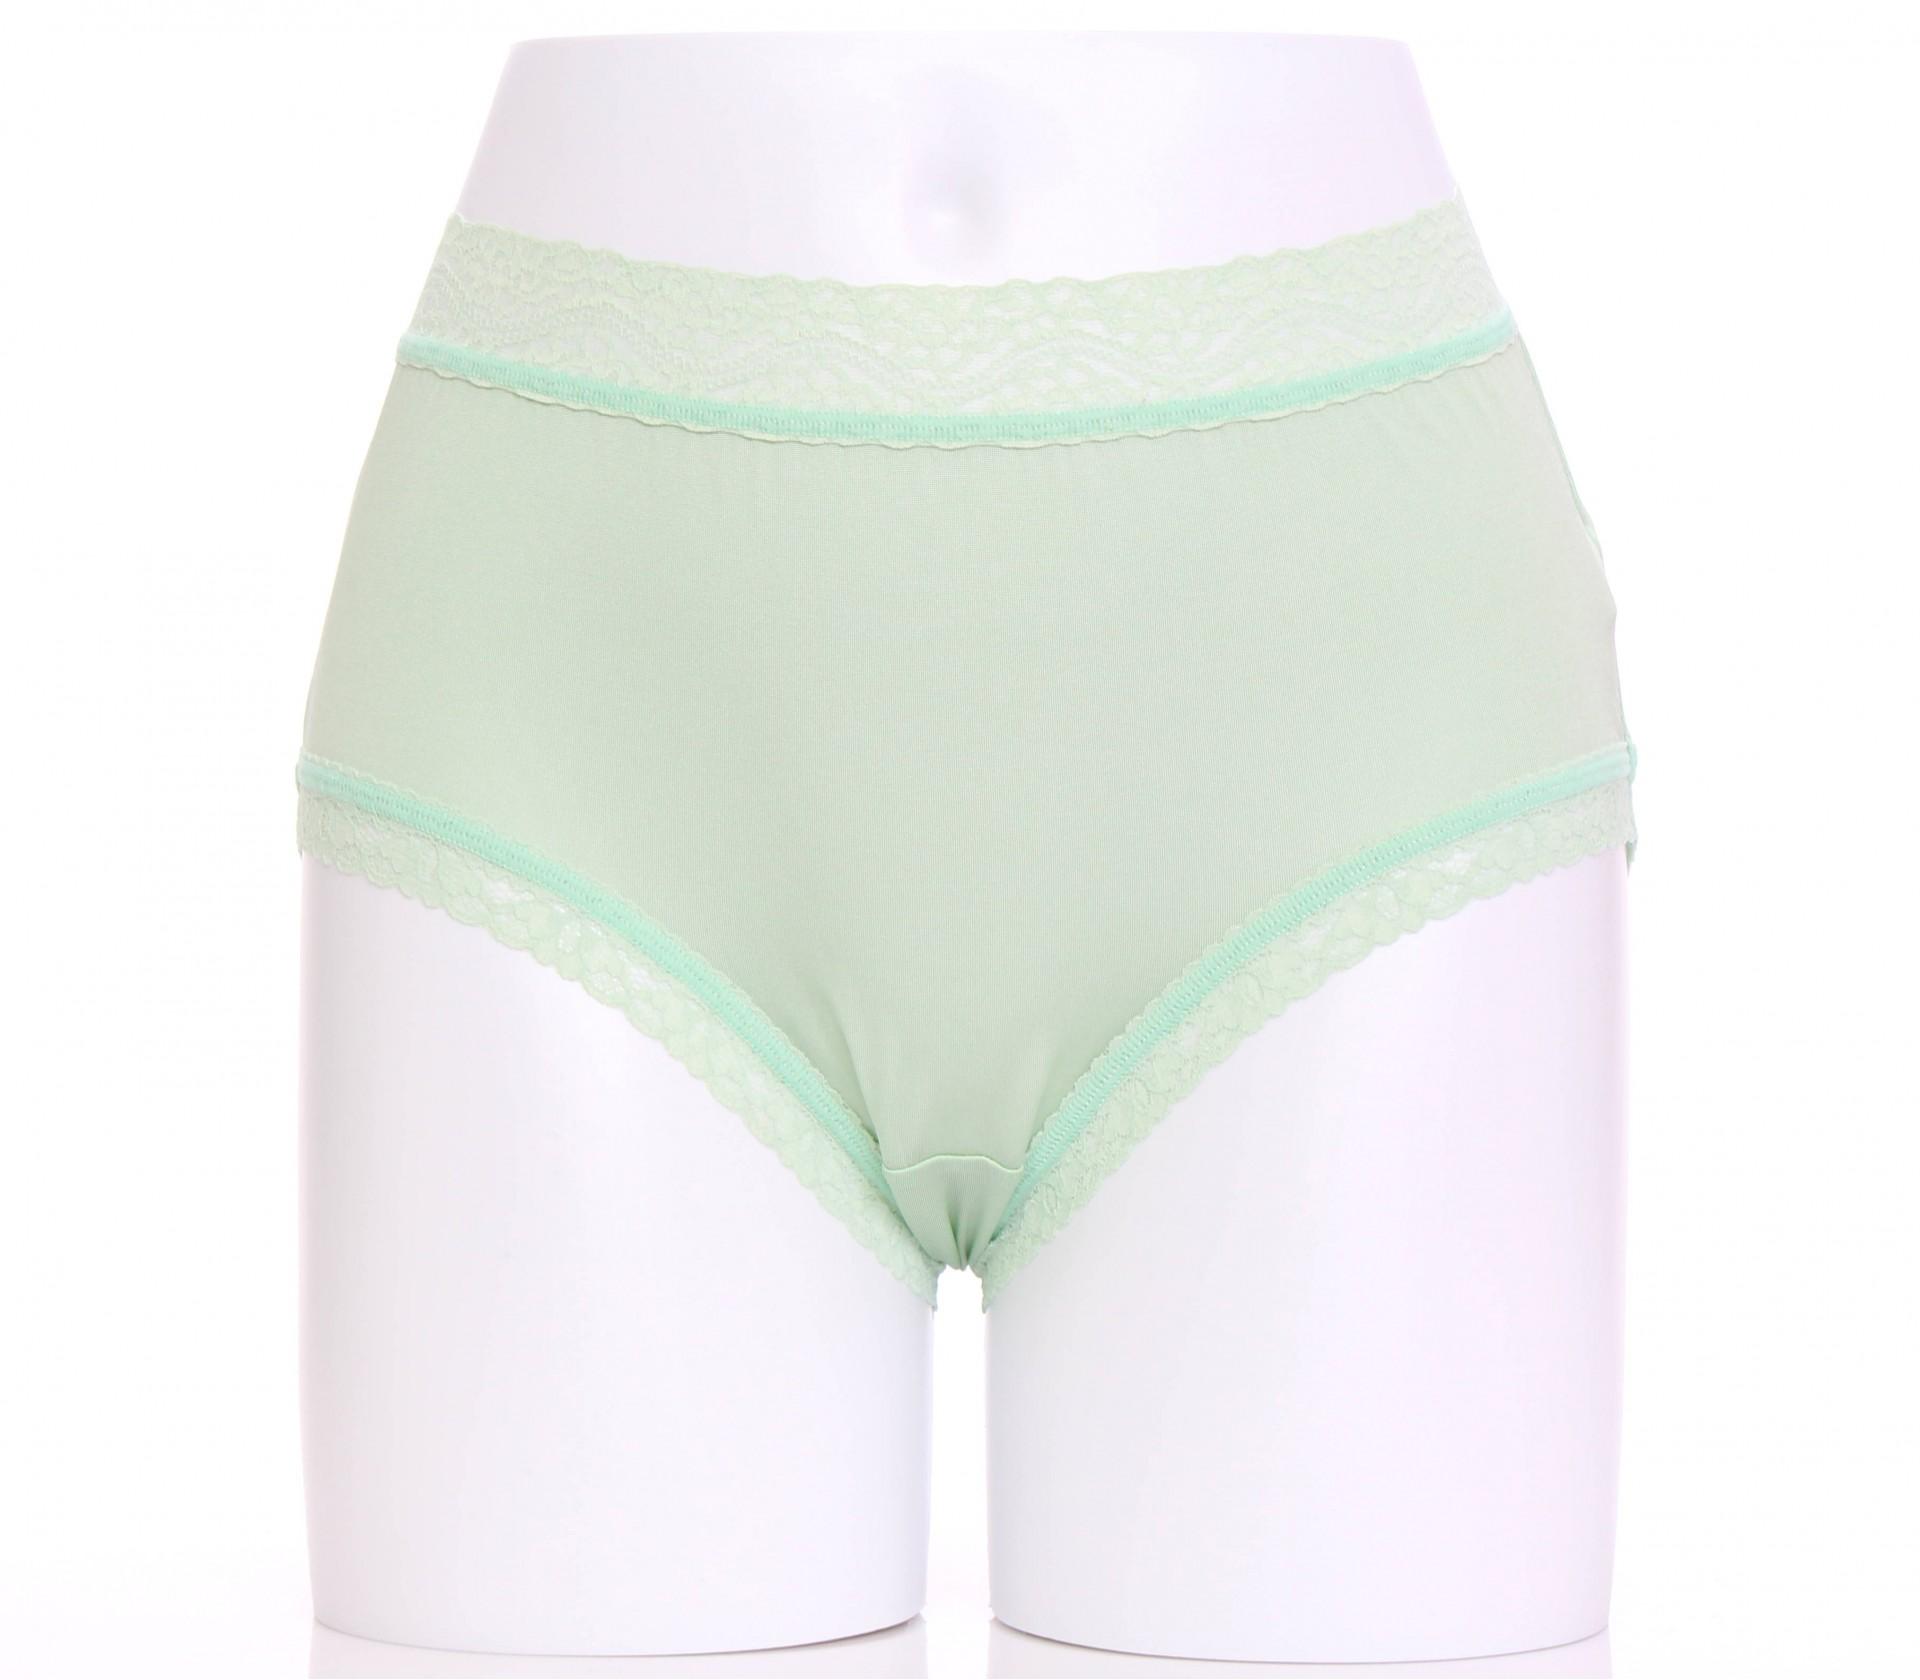 闕蘭絹精緻高密度100%蠶絲內褲-88791(綠)